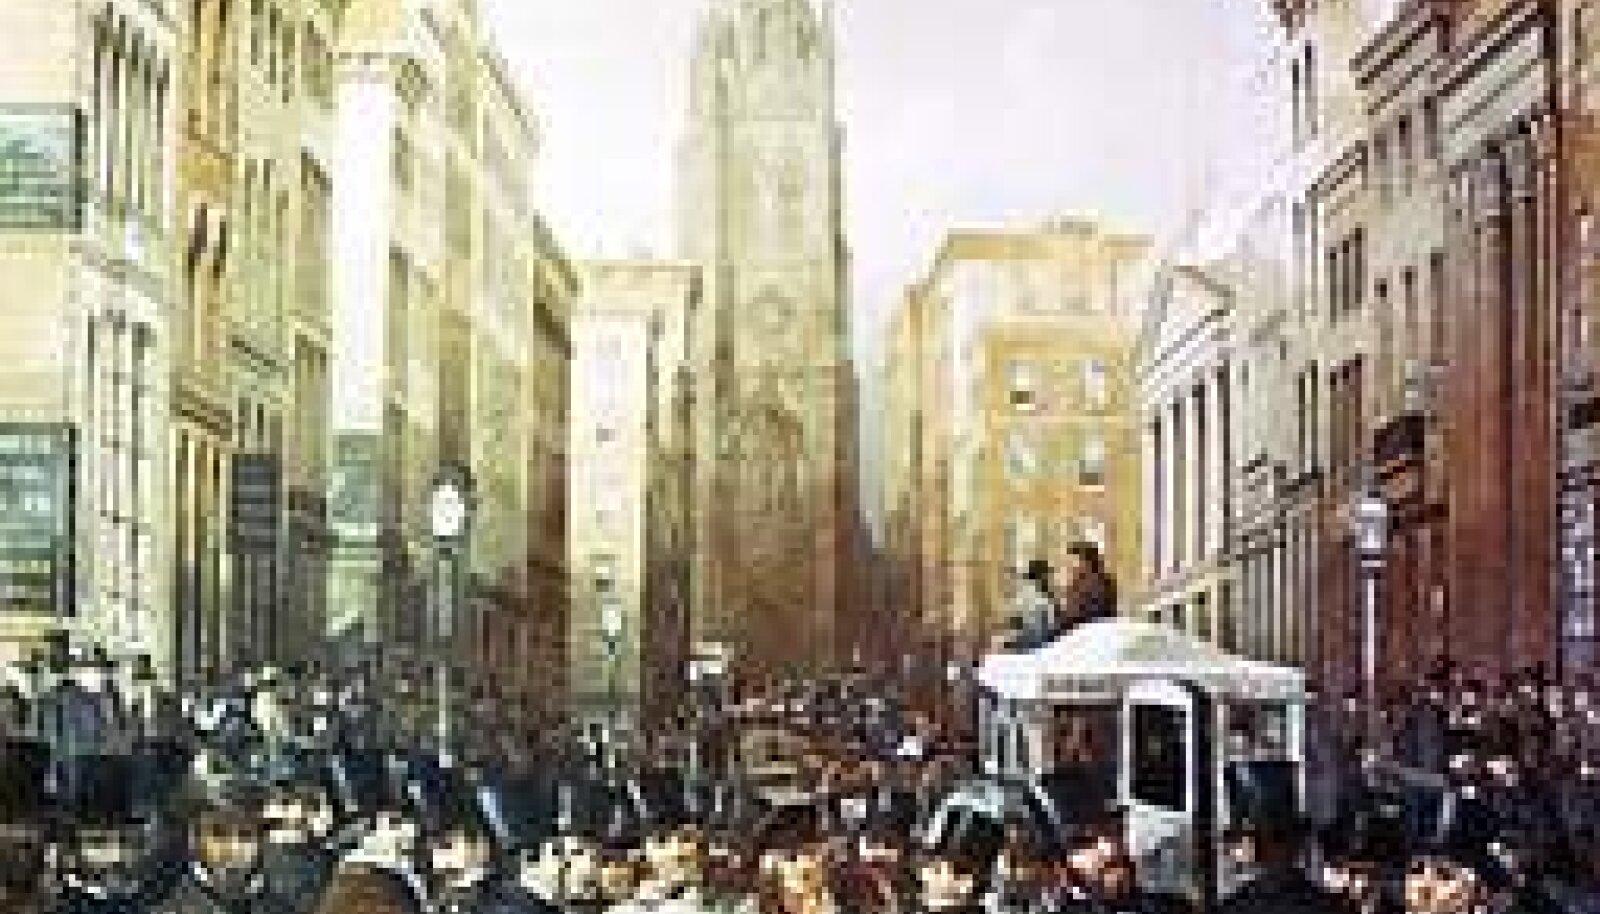 PAANIKA ALGAS: Sellisena jäädvustasid 13. oktoobri sündmused Wall Streetil kell pool kolm päastlõunal kunstnikud James H. Cafferty ja Charles G. Rosenberg. Praegu kuulub maal New Yorgi linna muuseumi kogudesse. REPRO